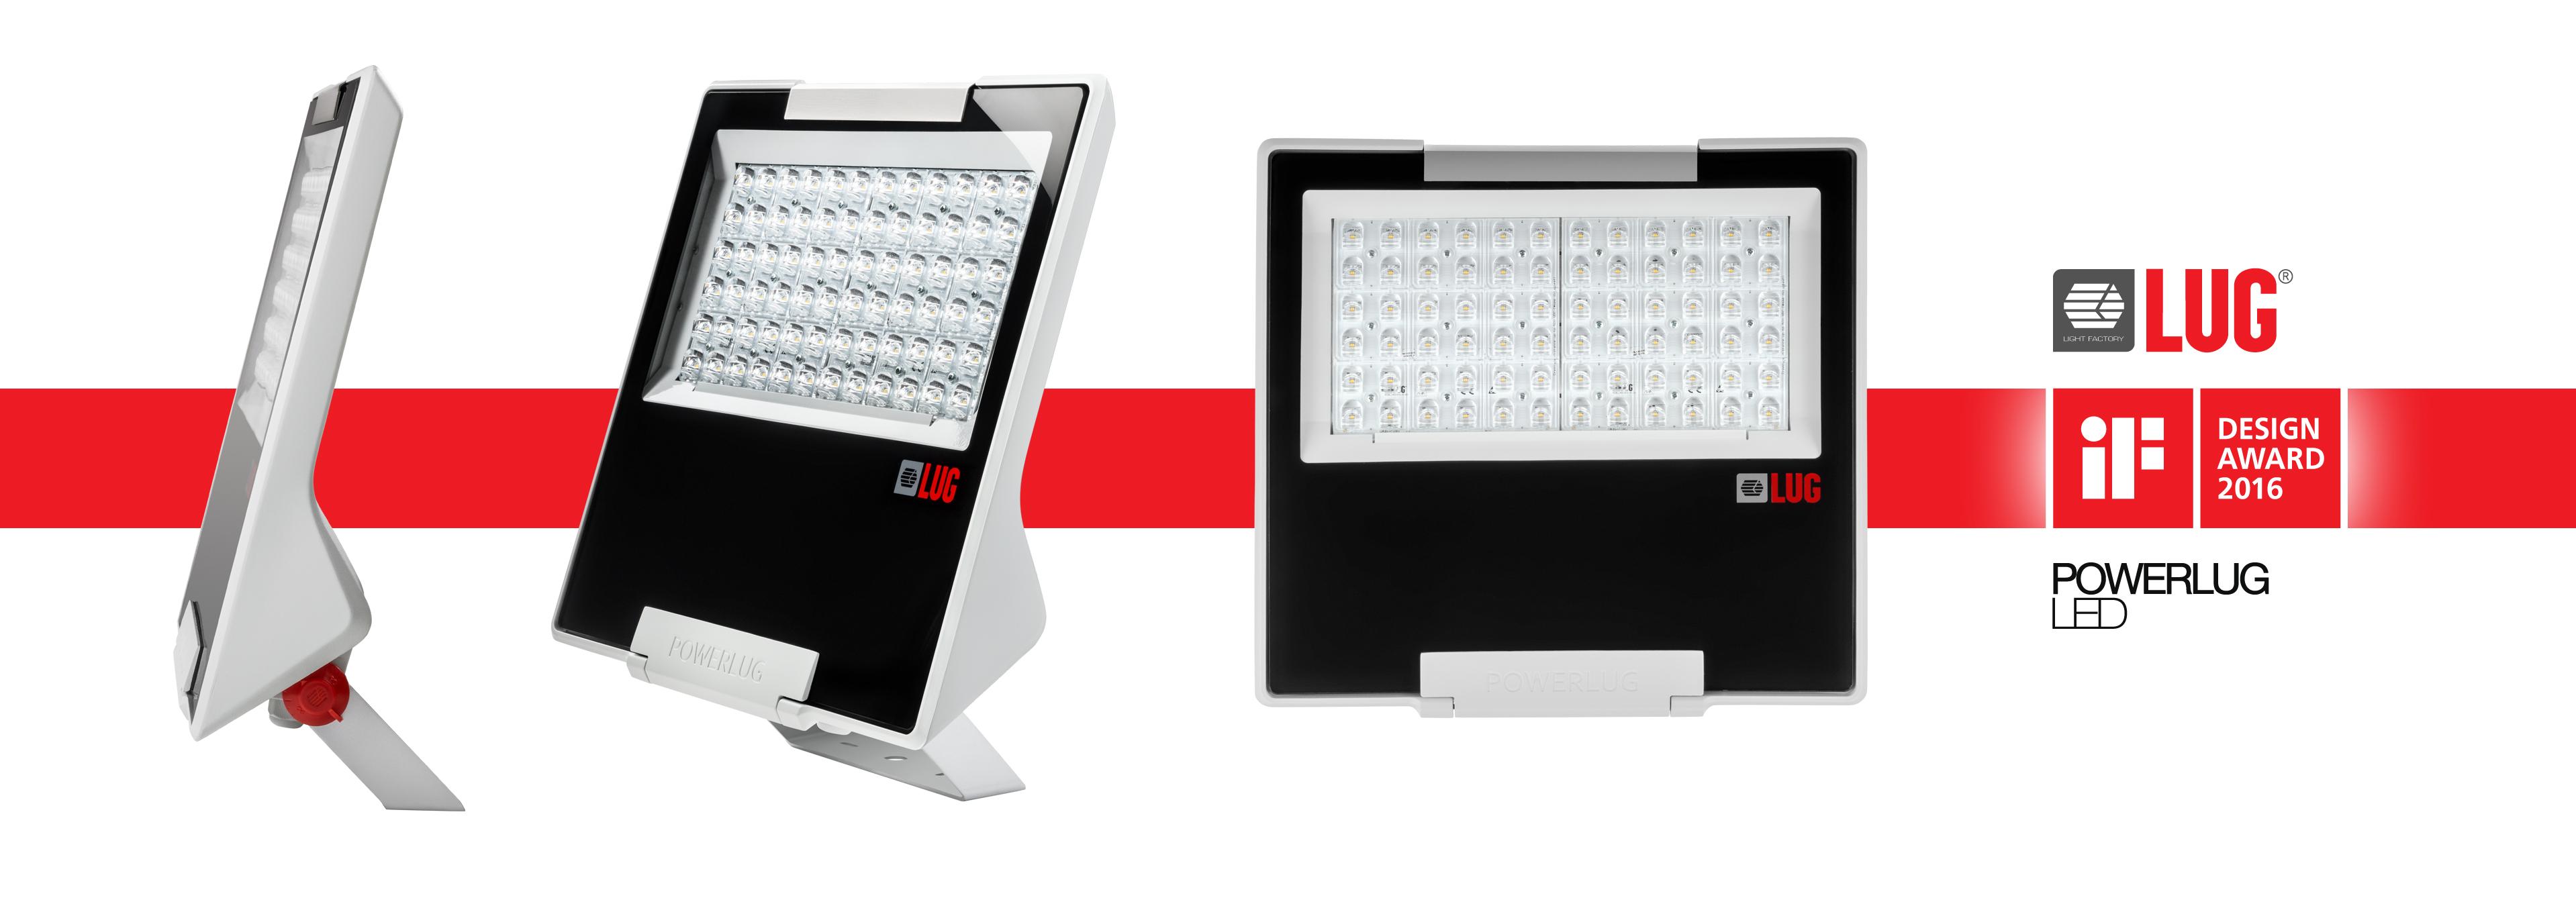 Oprawa oświetleniowa POWERLUG LED otrzymała nagrodę iF DESIGN AWARD 2016 w kategorii produkt oświetleniowy